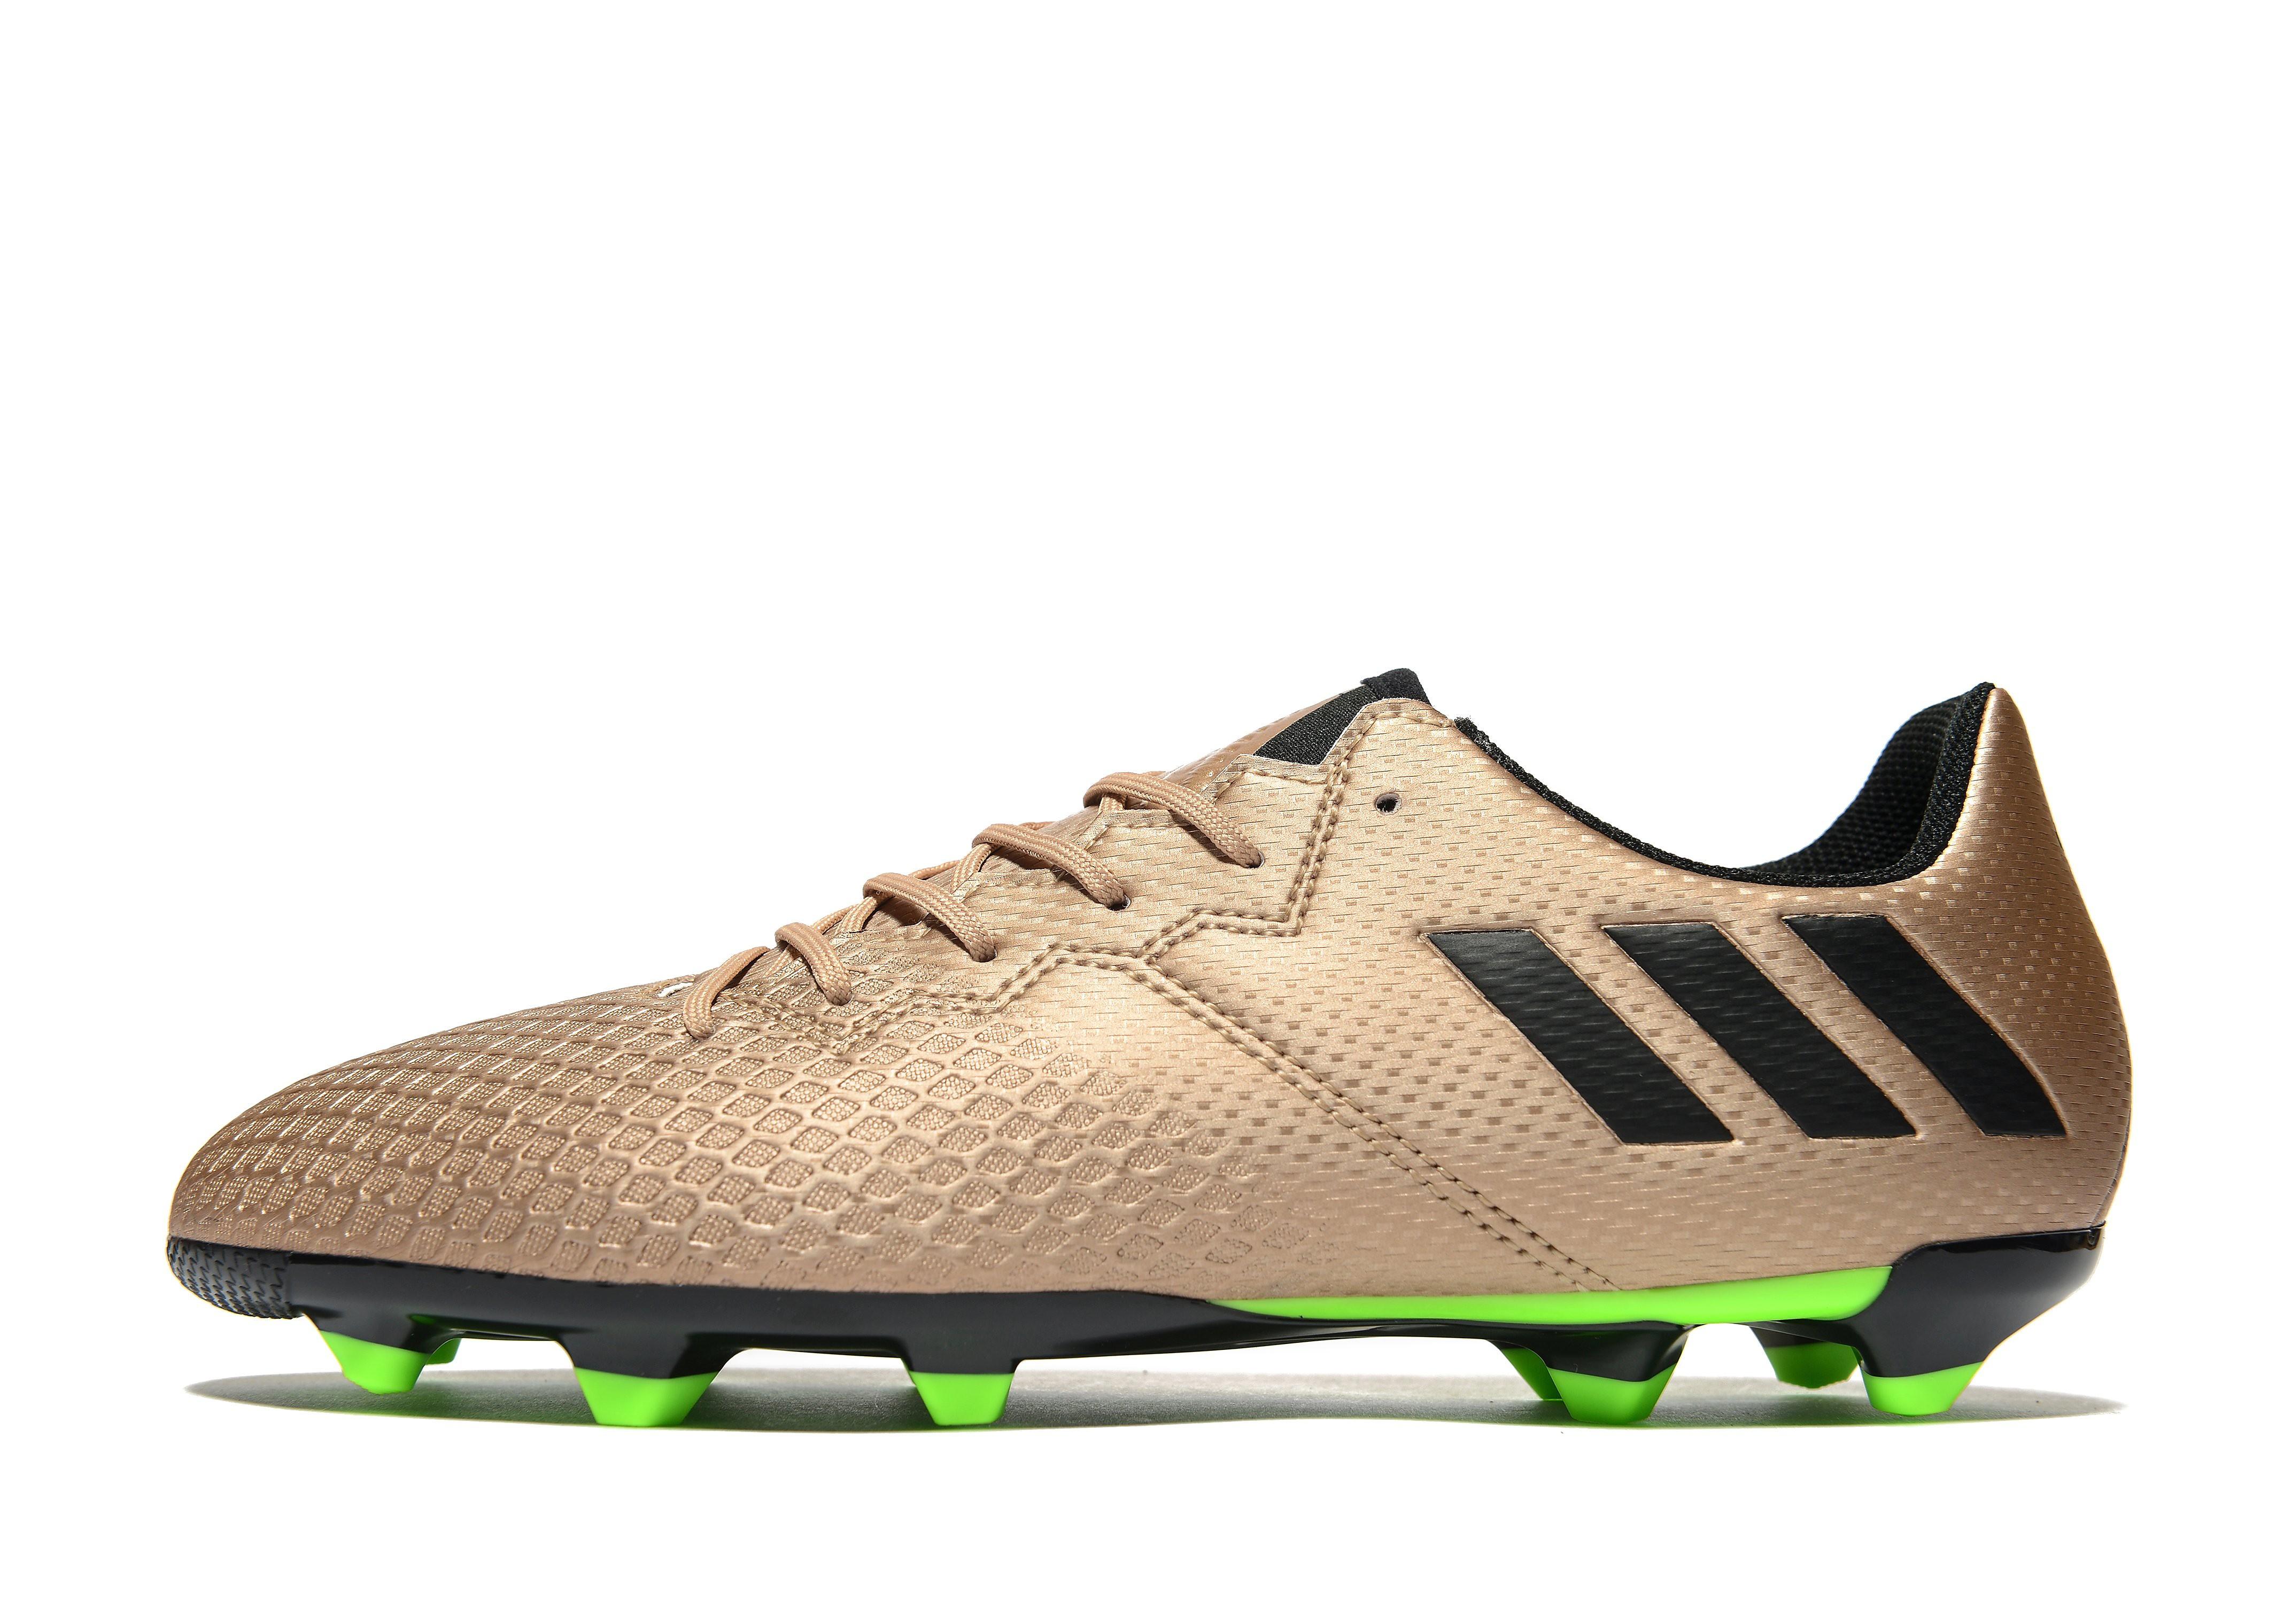 adidas Messi 16.3 FG Junior